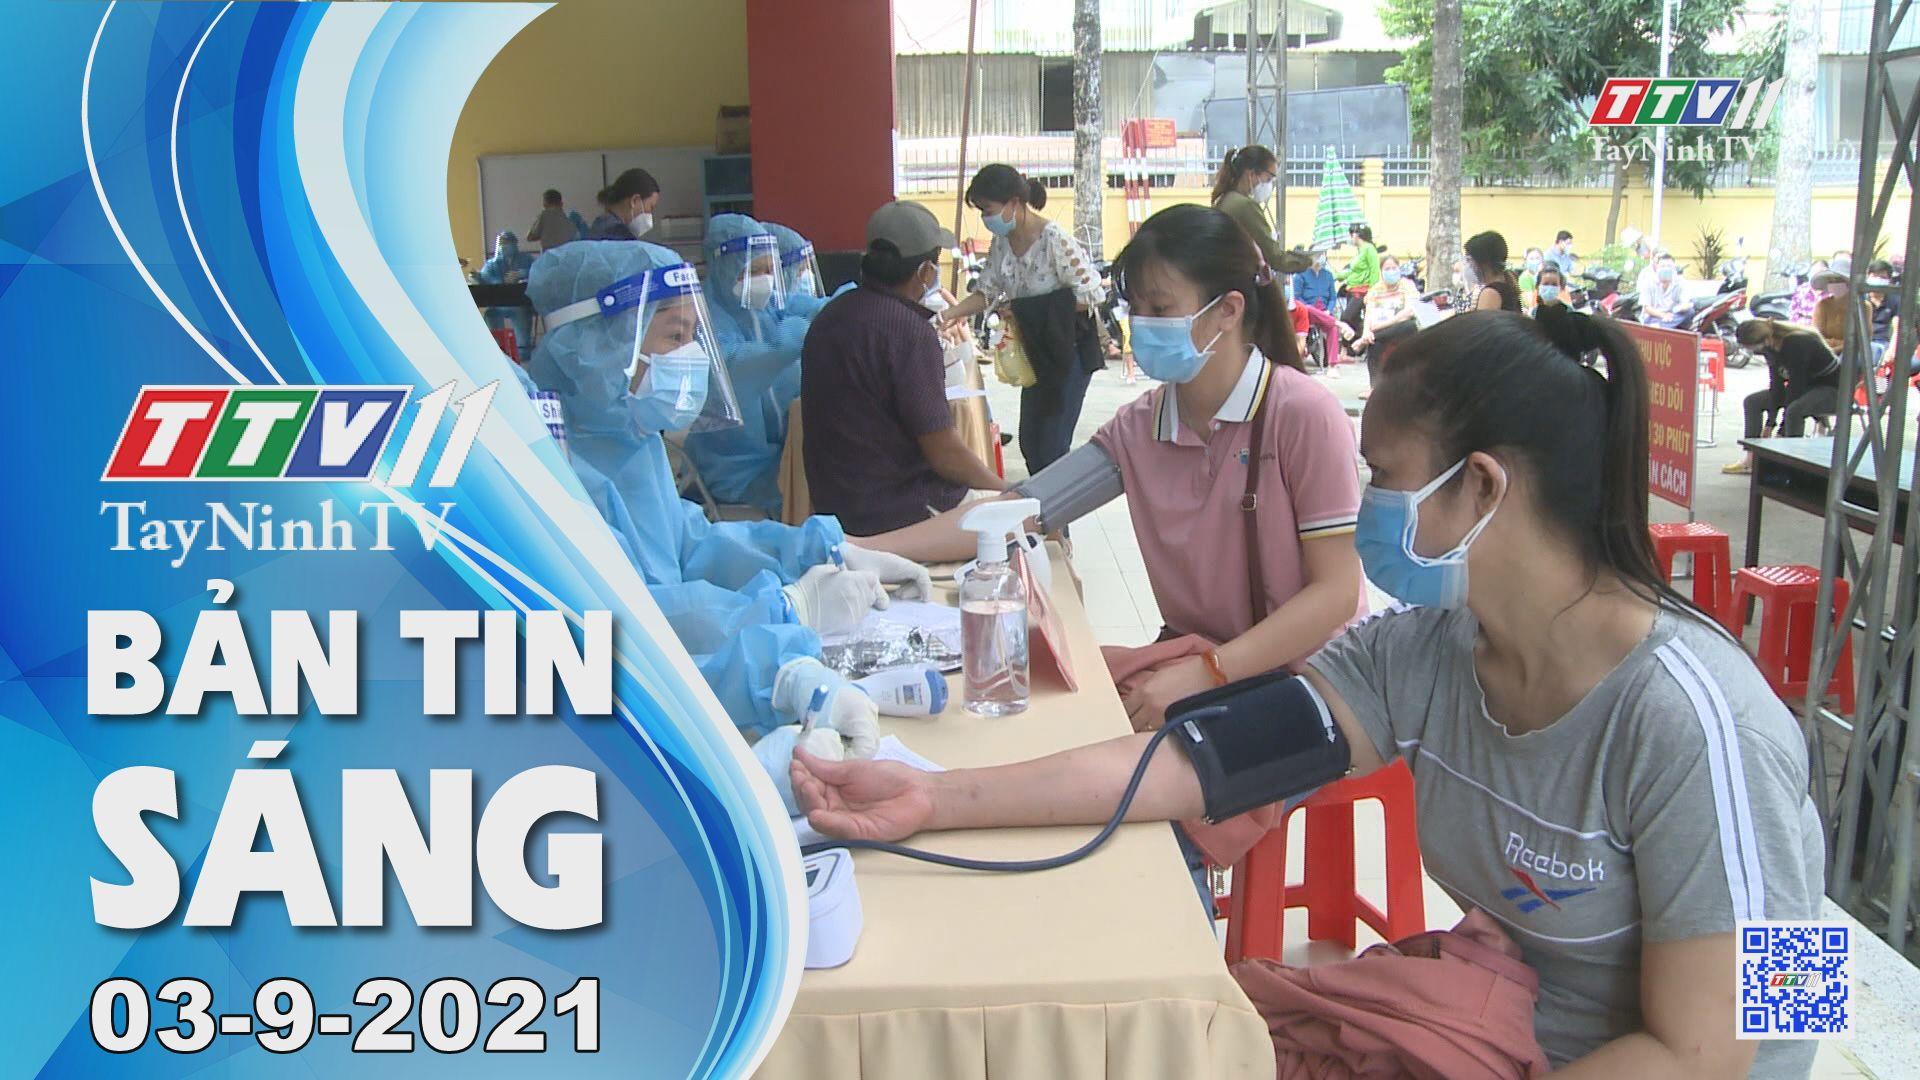 Bản tin sáng 03-9-2021 | Tin tức hôm nay | TayNinhTV